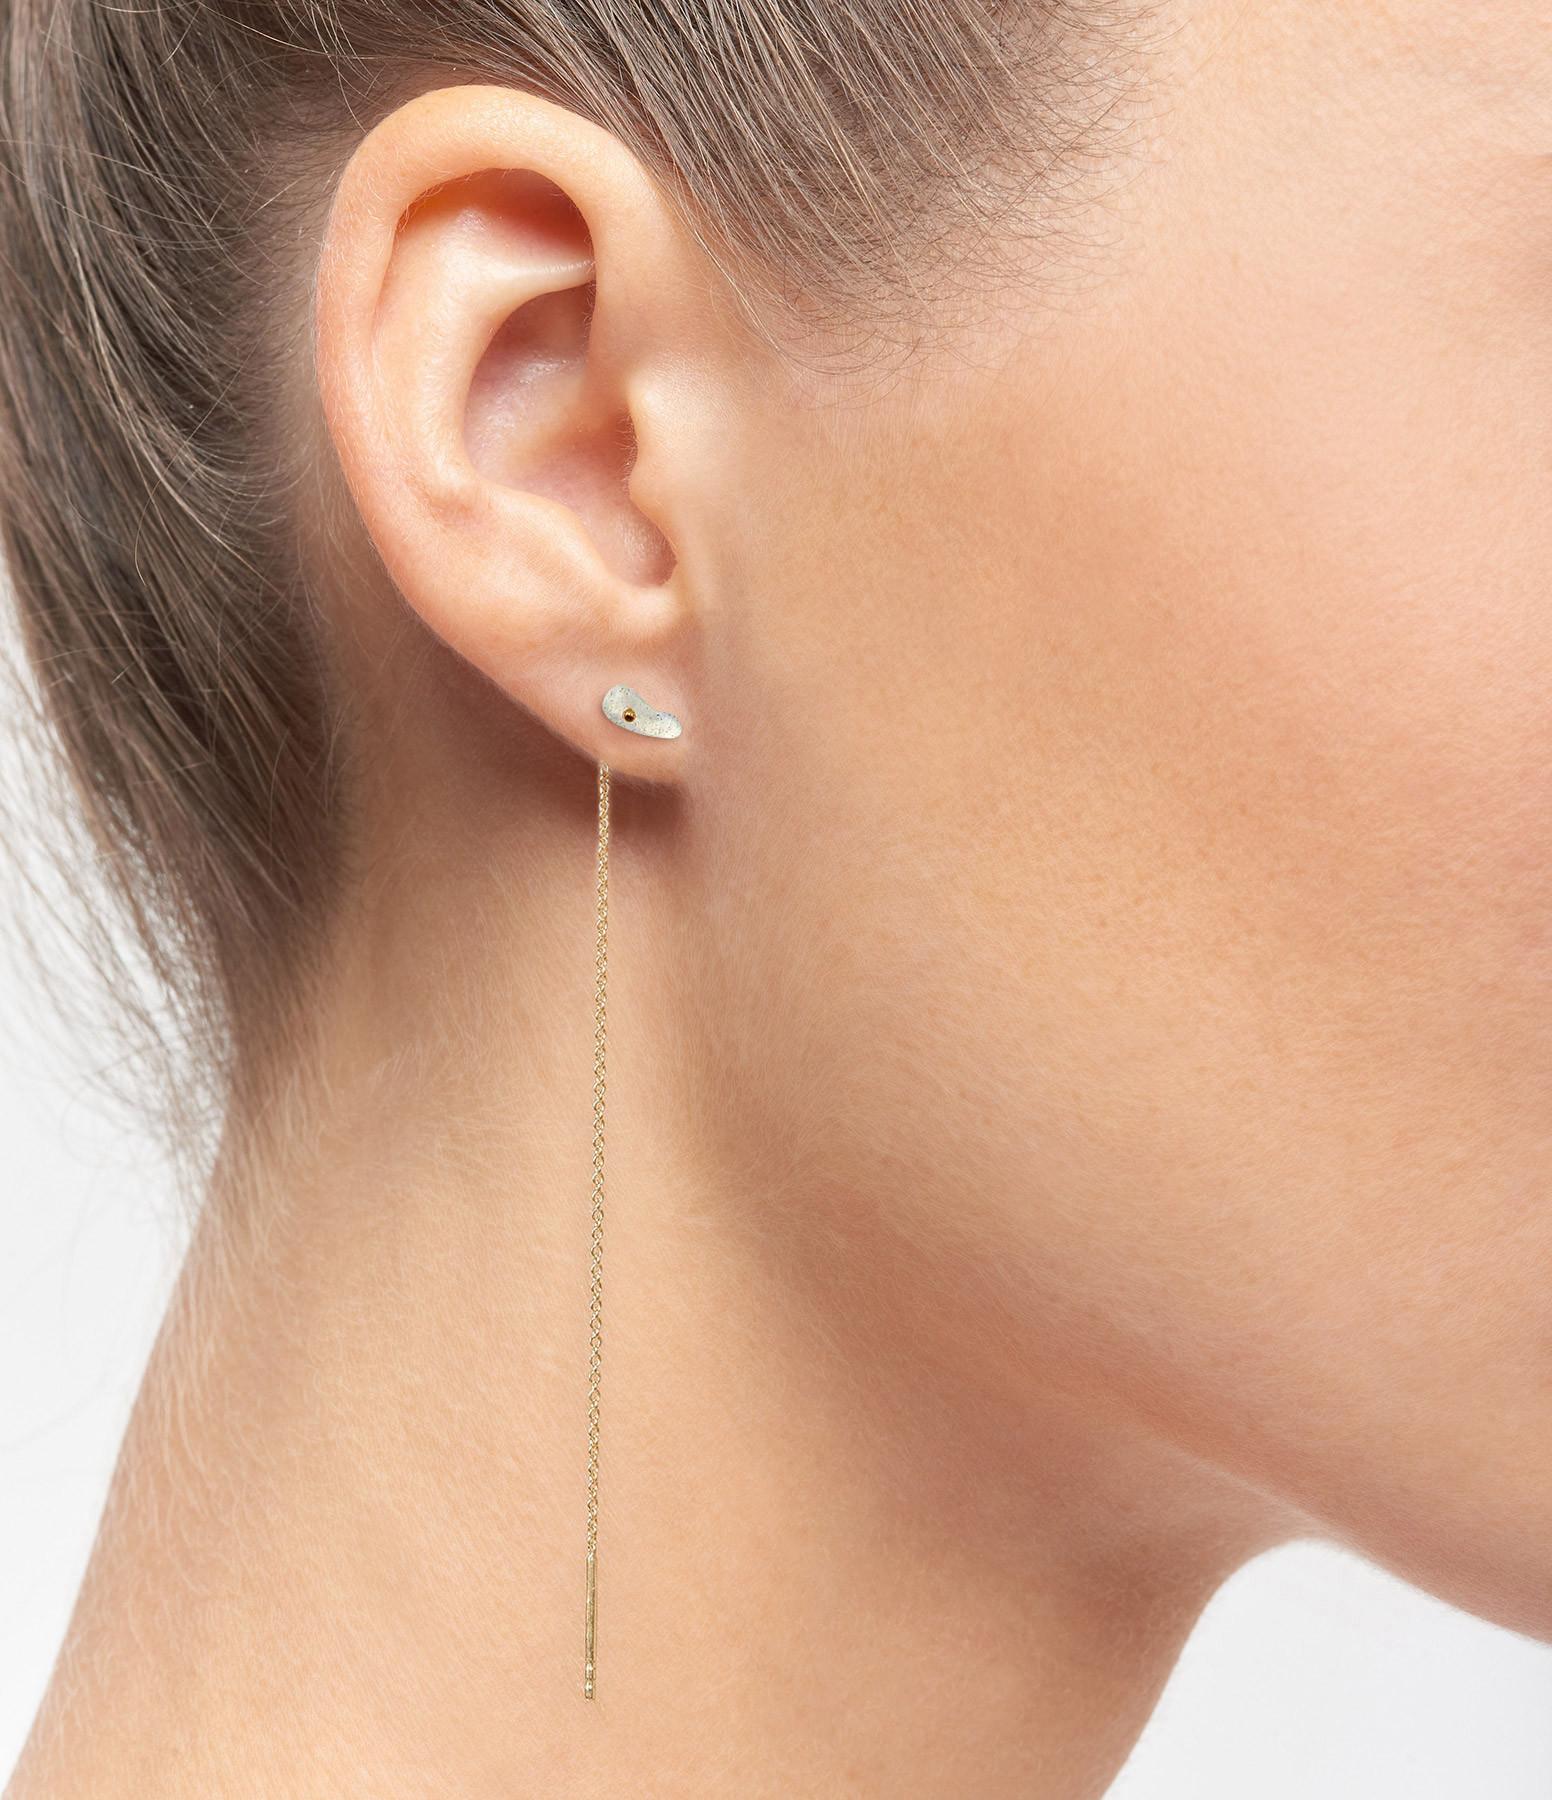 MON PRECIEUX GEM - Boucle d'oreille Chaîne Goutte Labradorite (vendue à l'unité)